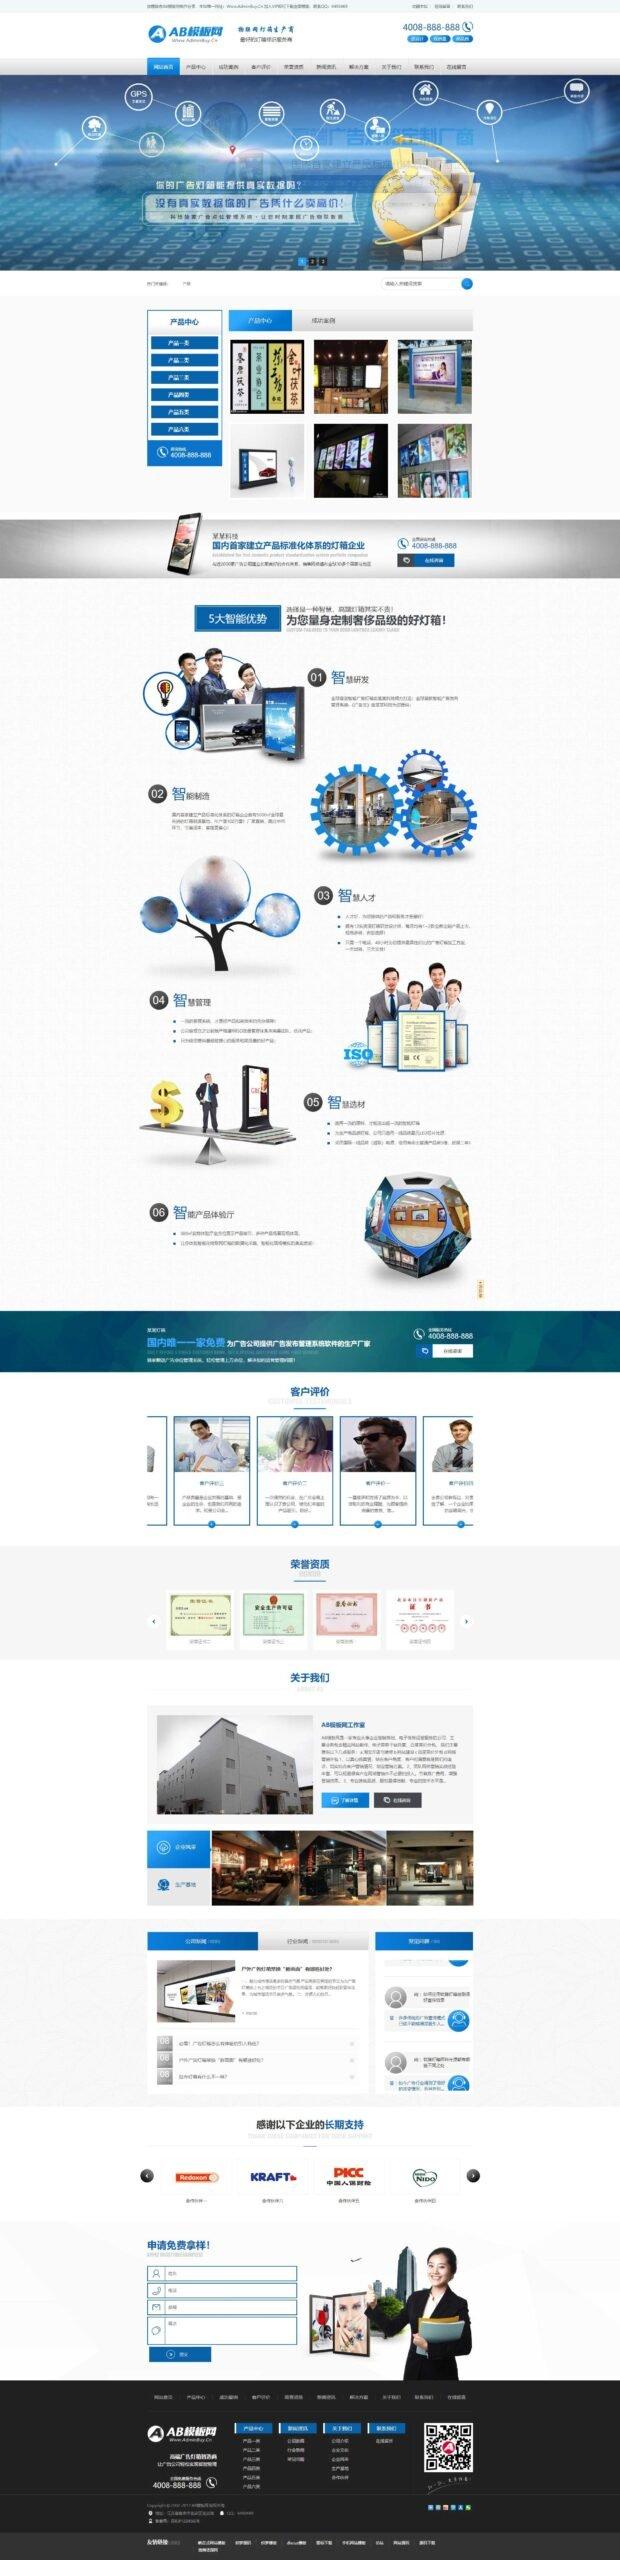 户外广告媒体公司网站织梦dede模板源码[带手机版数据同步]插图